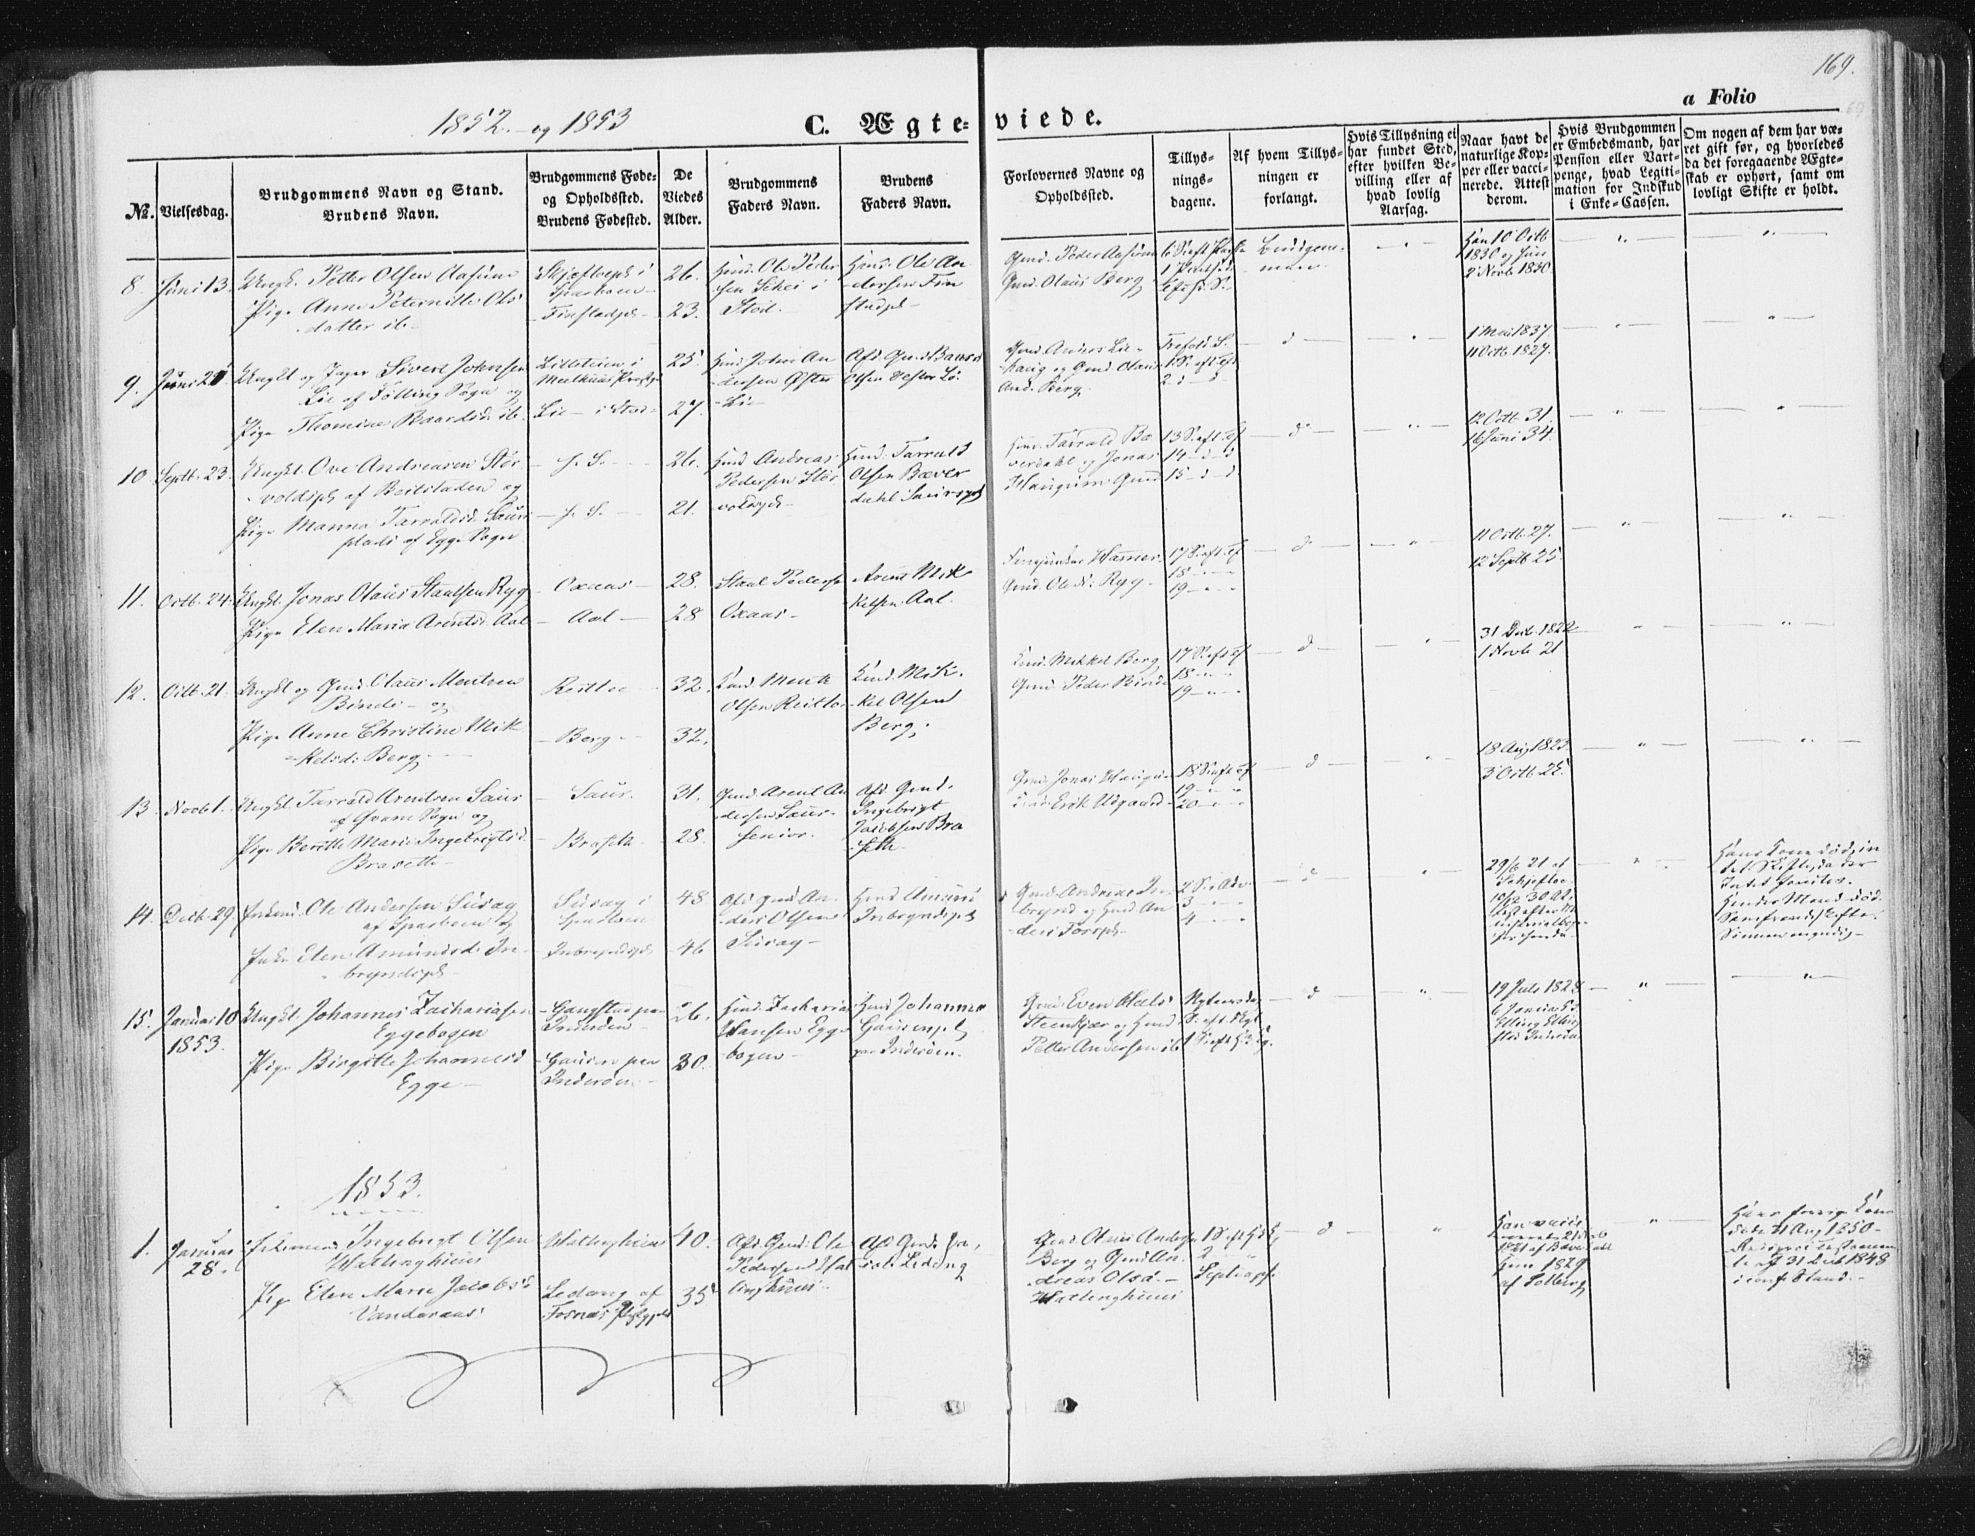 SAT, Ministerialprotokoller, klokkerbøker og fødselsregistre - Nord-Trøndelag, 746/L0446: Ministerialbok nr. 746A05, 1846-1859, s. 169